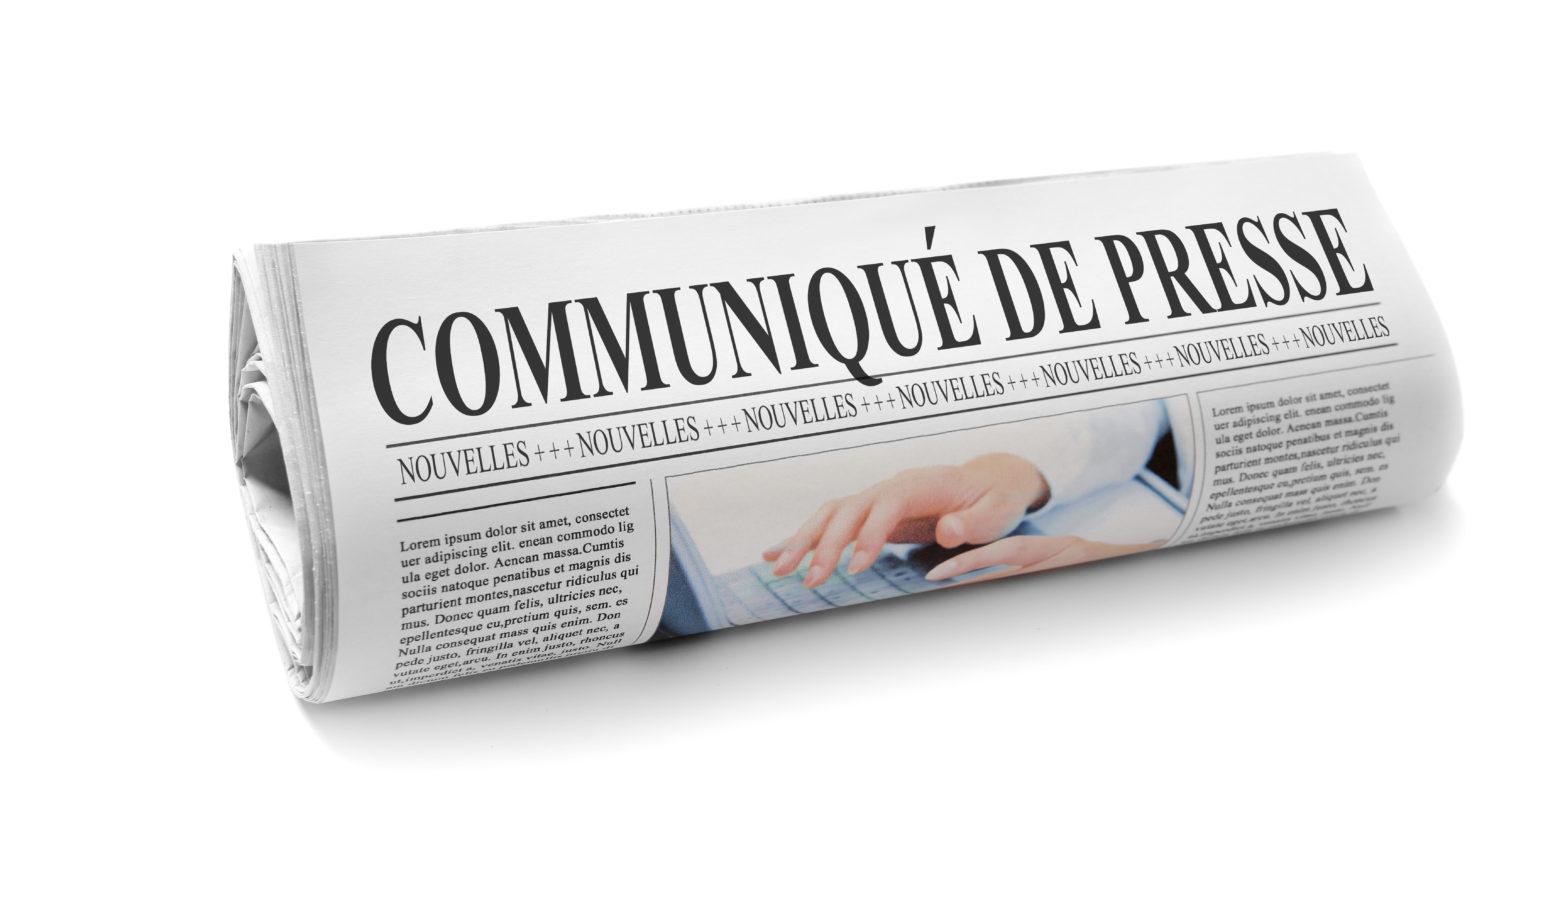 NOUVEAU CONCEPT LUDIQUE DE DÉGUSTATION DE VINS